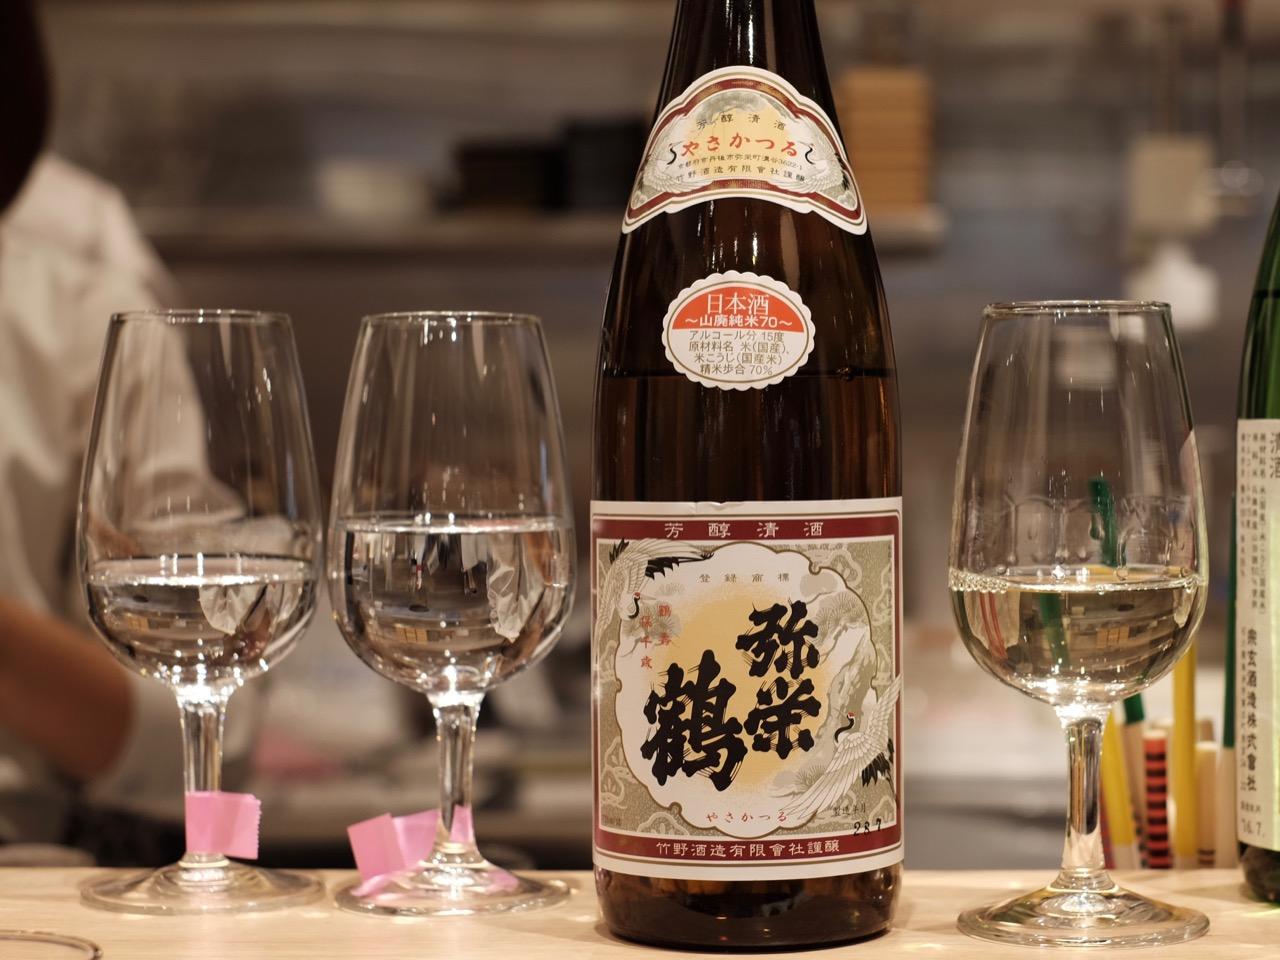 弥栄鶴 山廃純米 70|日本酒テイスティングノート